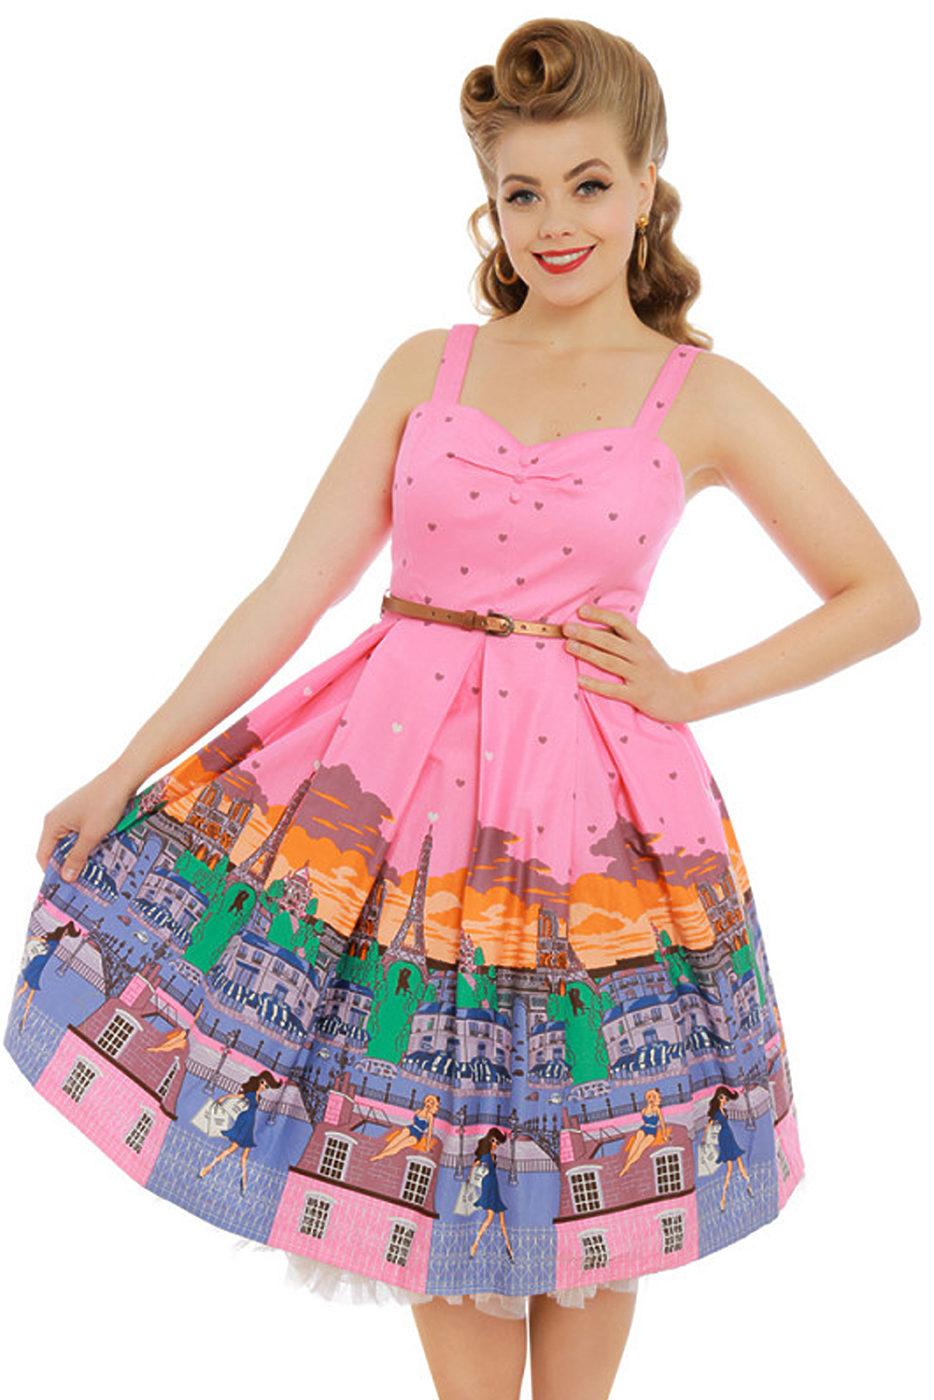 49c8a4648a91 Růžové šaty s motivem Paříže Lindy Bop Bernice Lindy Bop